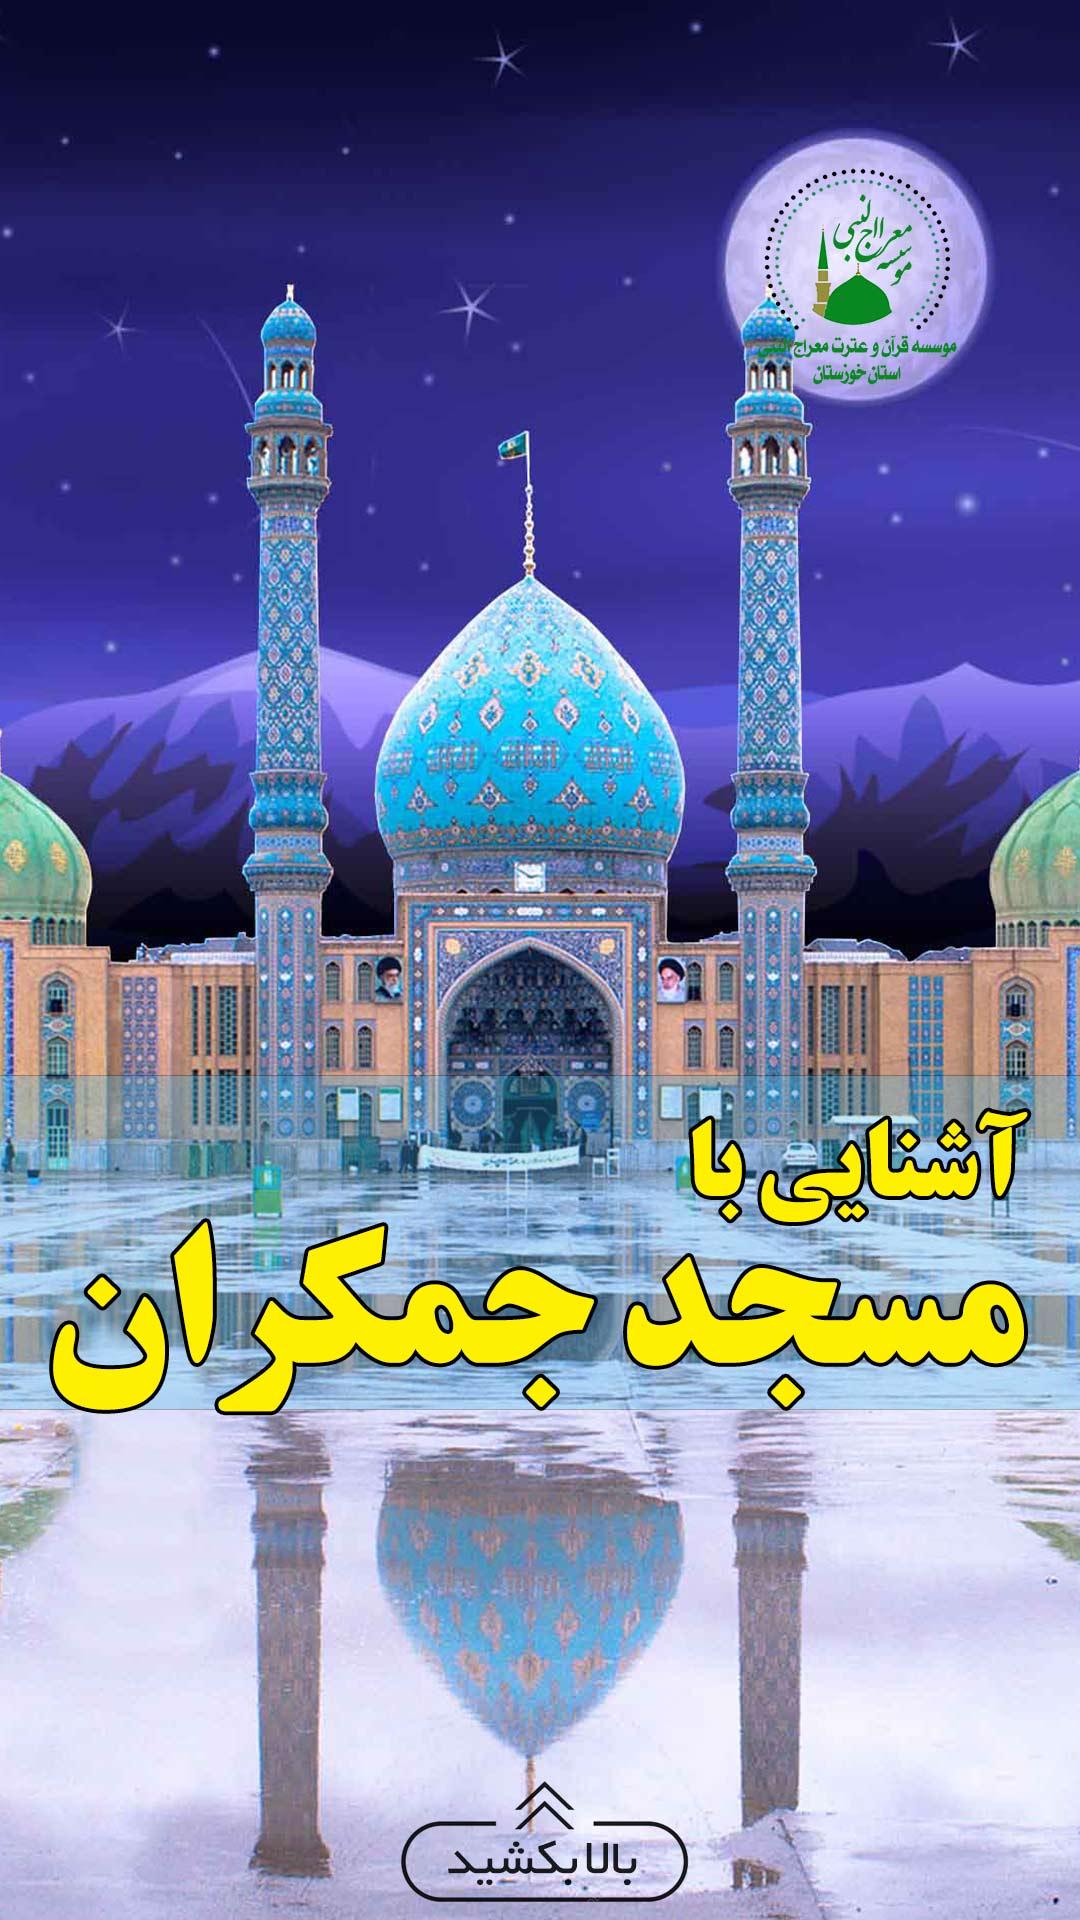 مسجد جمکران، از اماکن منسوب به حضرت قائم (عج)